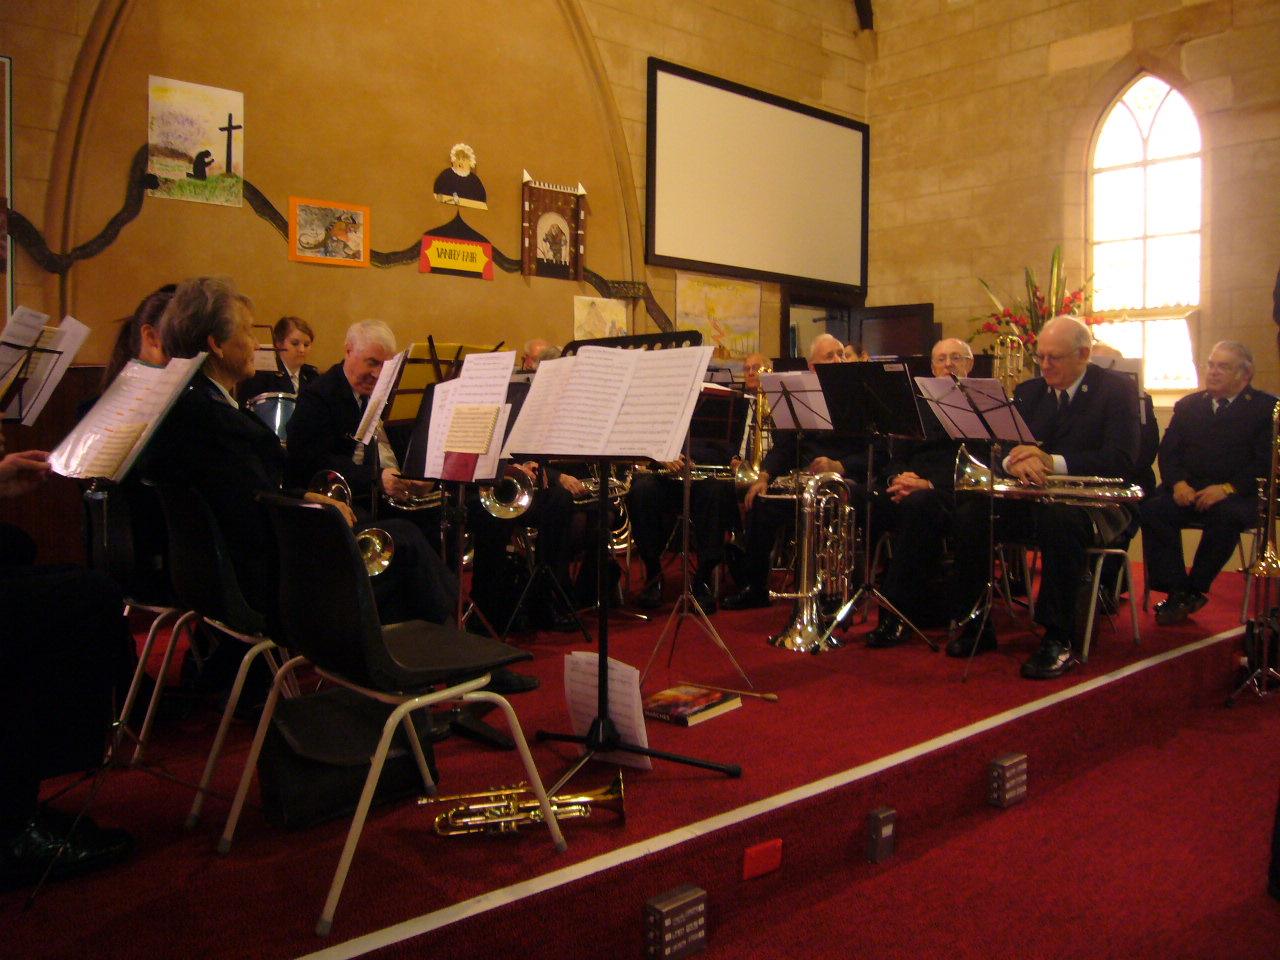 Theme Salvos Brass band Sept 2011 P1040762 (1).JPG